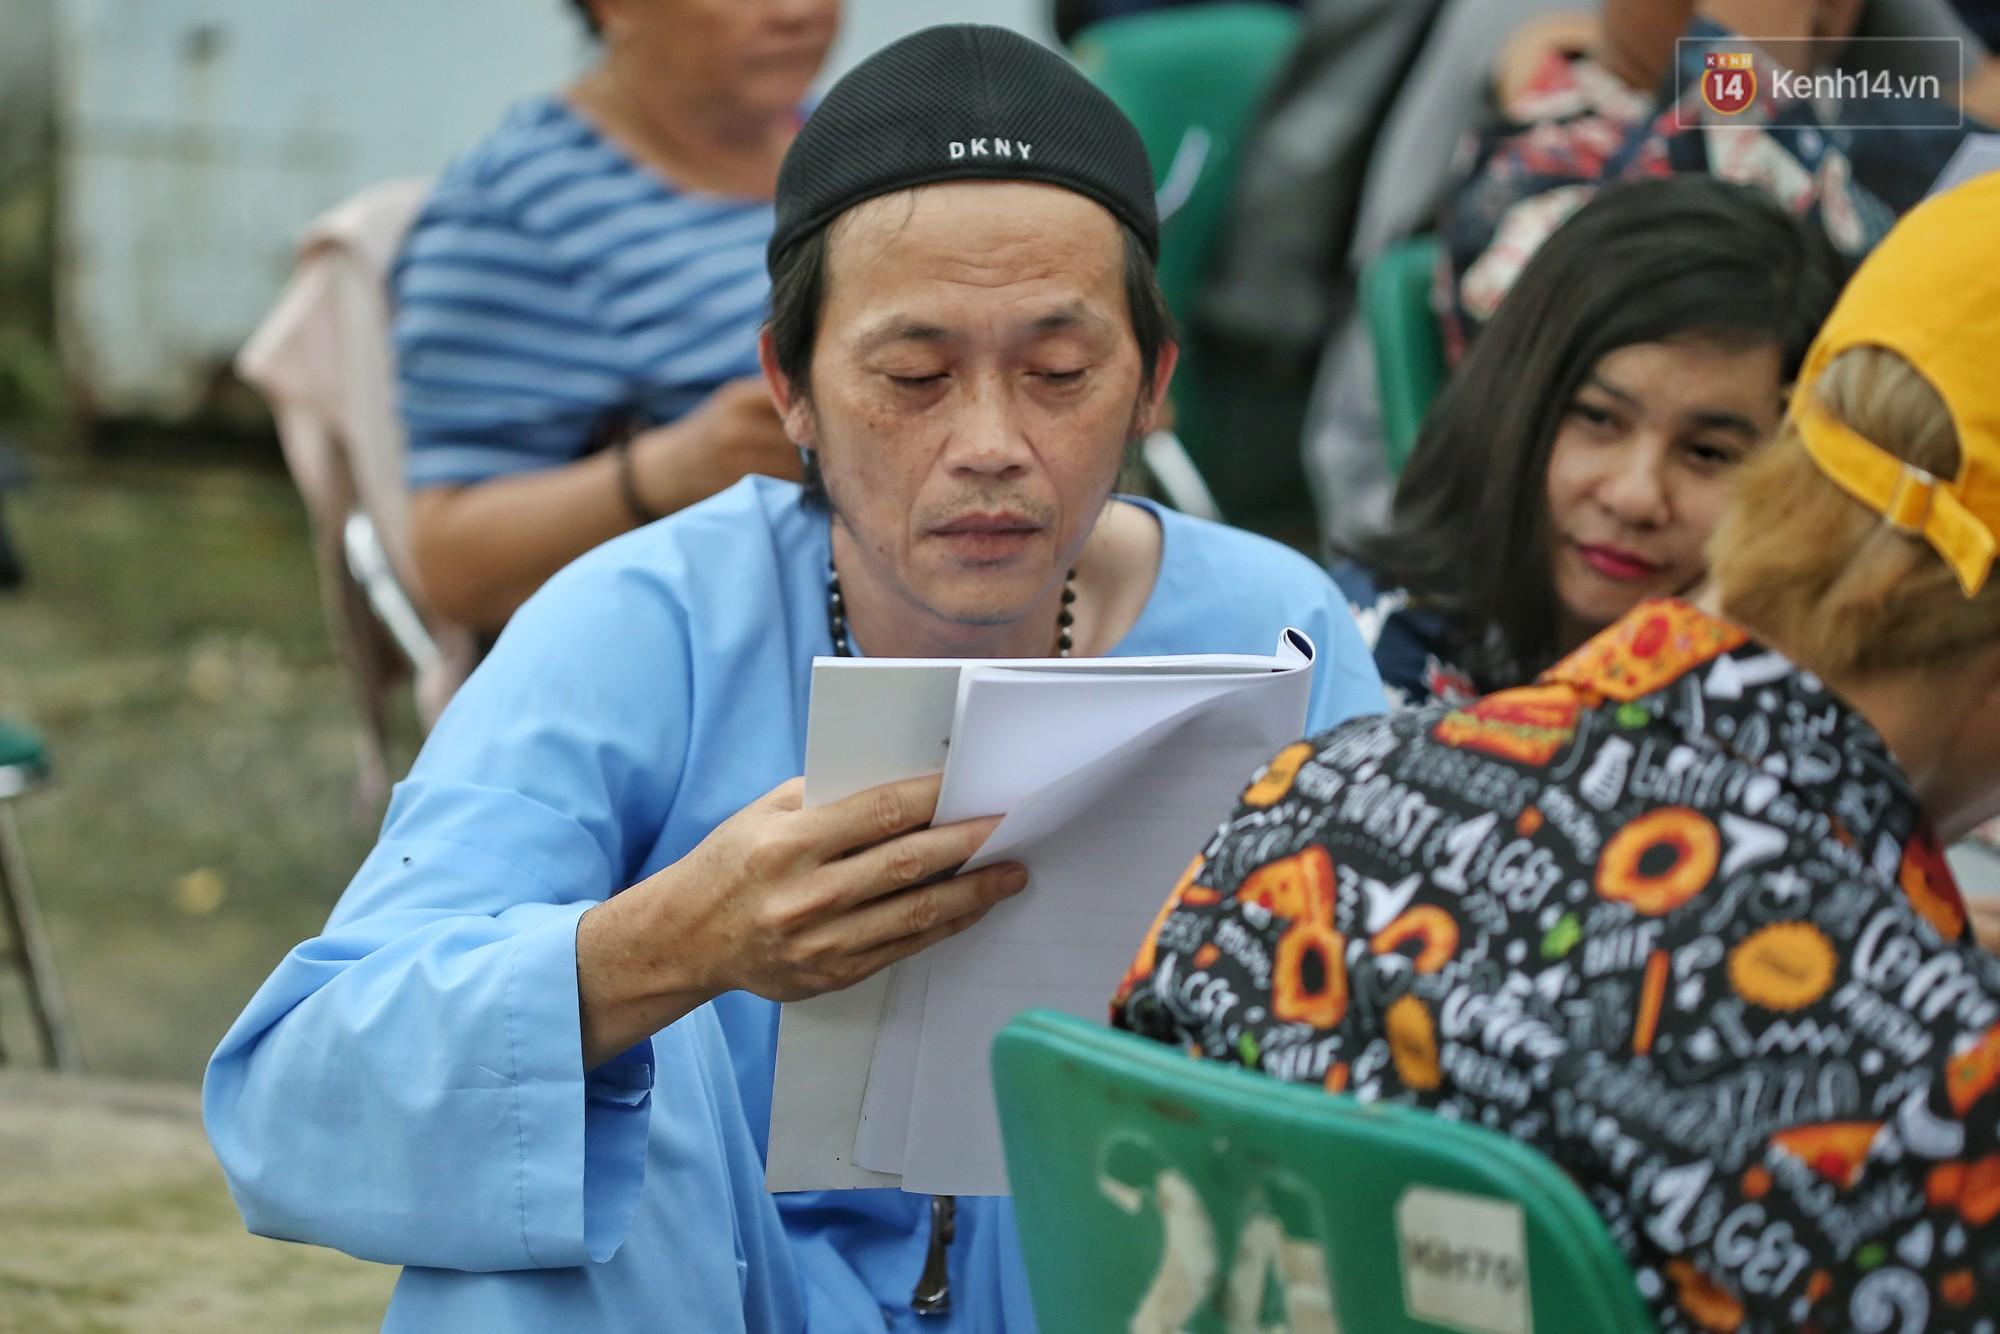 Hoài Lâm chính thức lộ diện sau nửa năm giải nghệ, cùng vợ chồng Khởi My tập luyện trước thềm liveshow Hoài Linh - Ảnh 7.